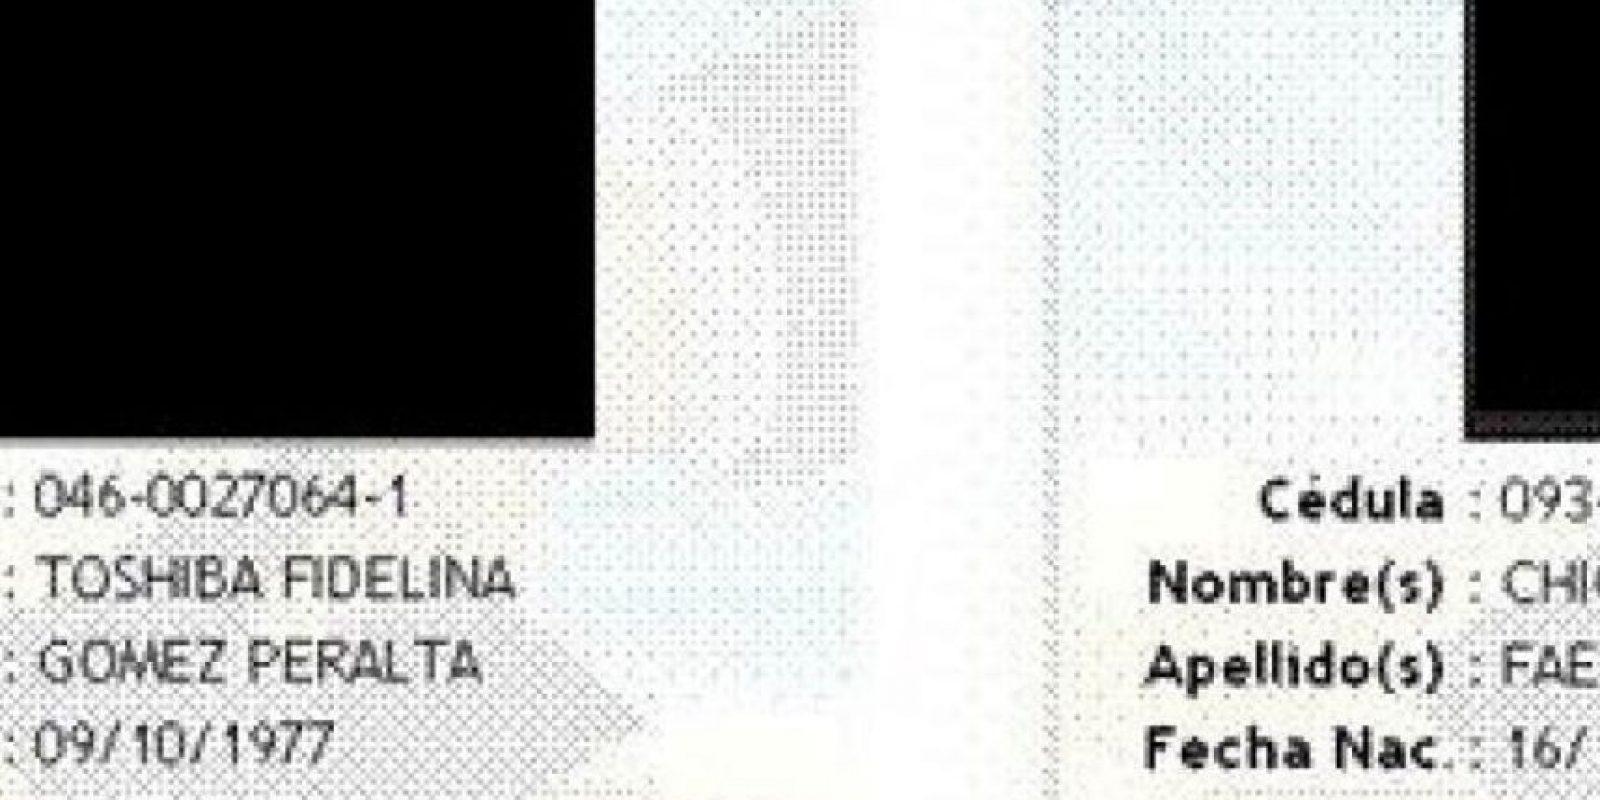 De igual modo, nombres como Agustina, Martina y Josefa (para mujeres), y Agustín, Alonso y Joaquín fueron asociados a estratos alto Foto:NombresRaros.info